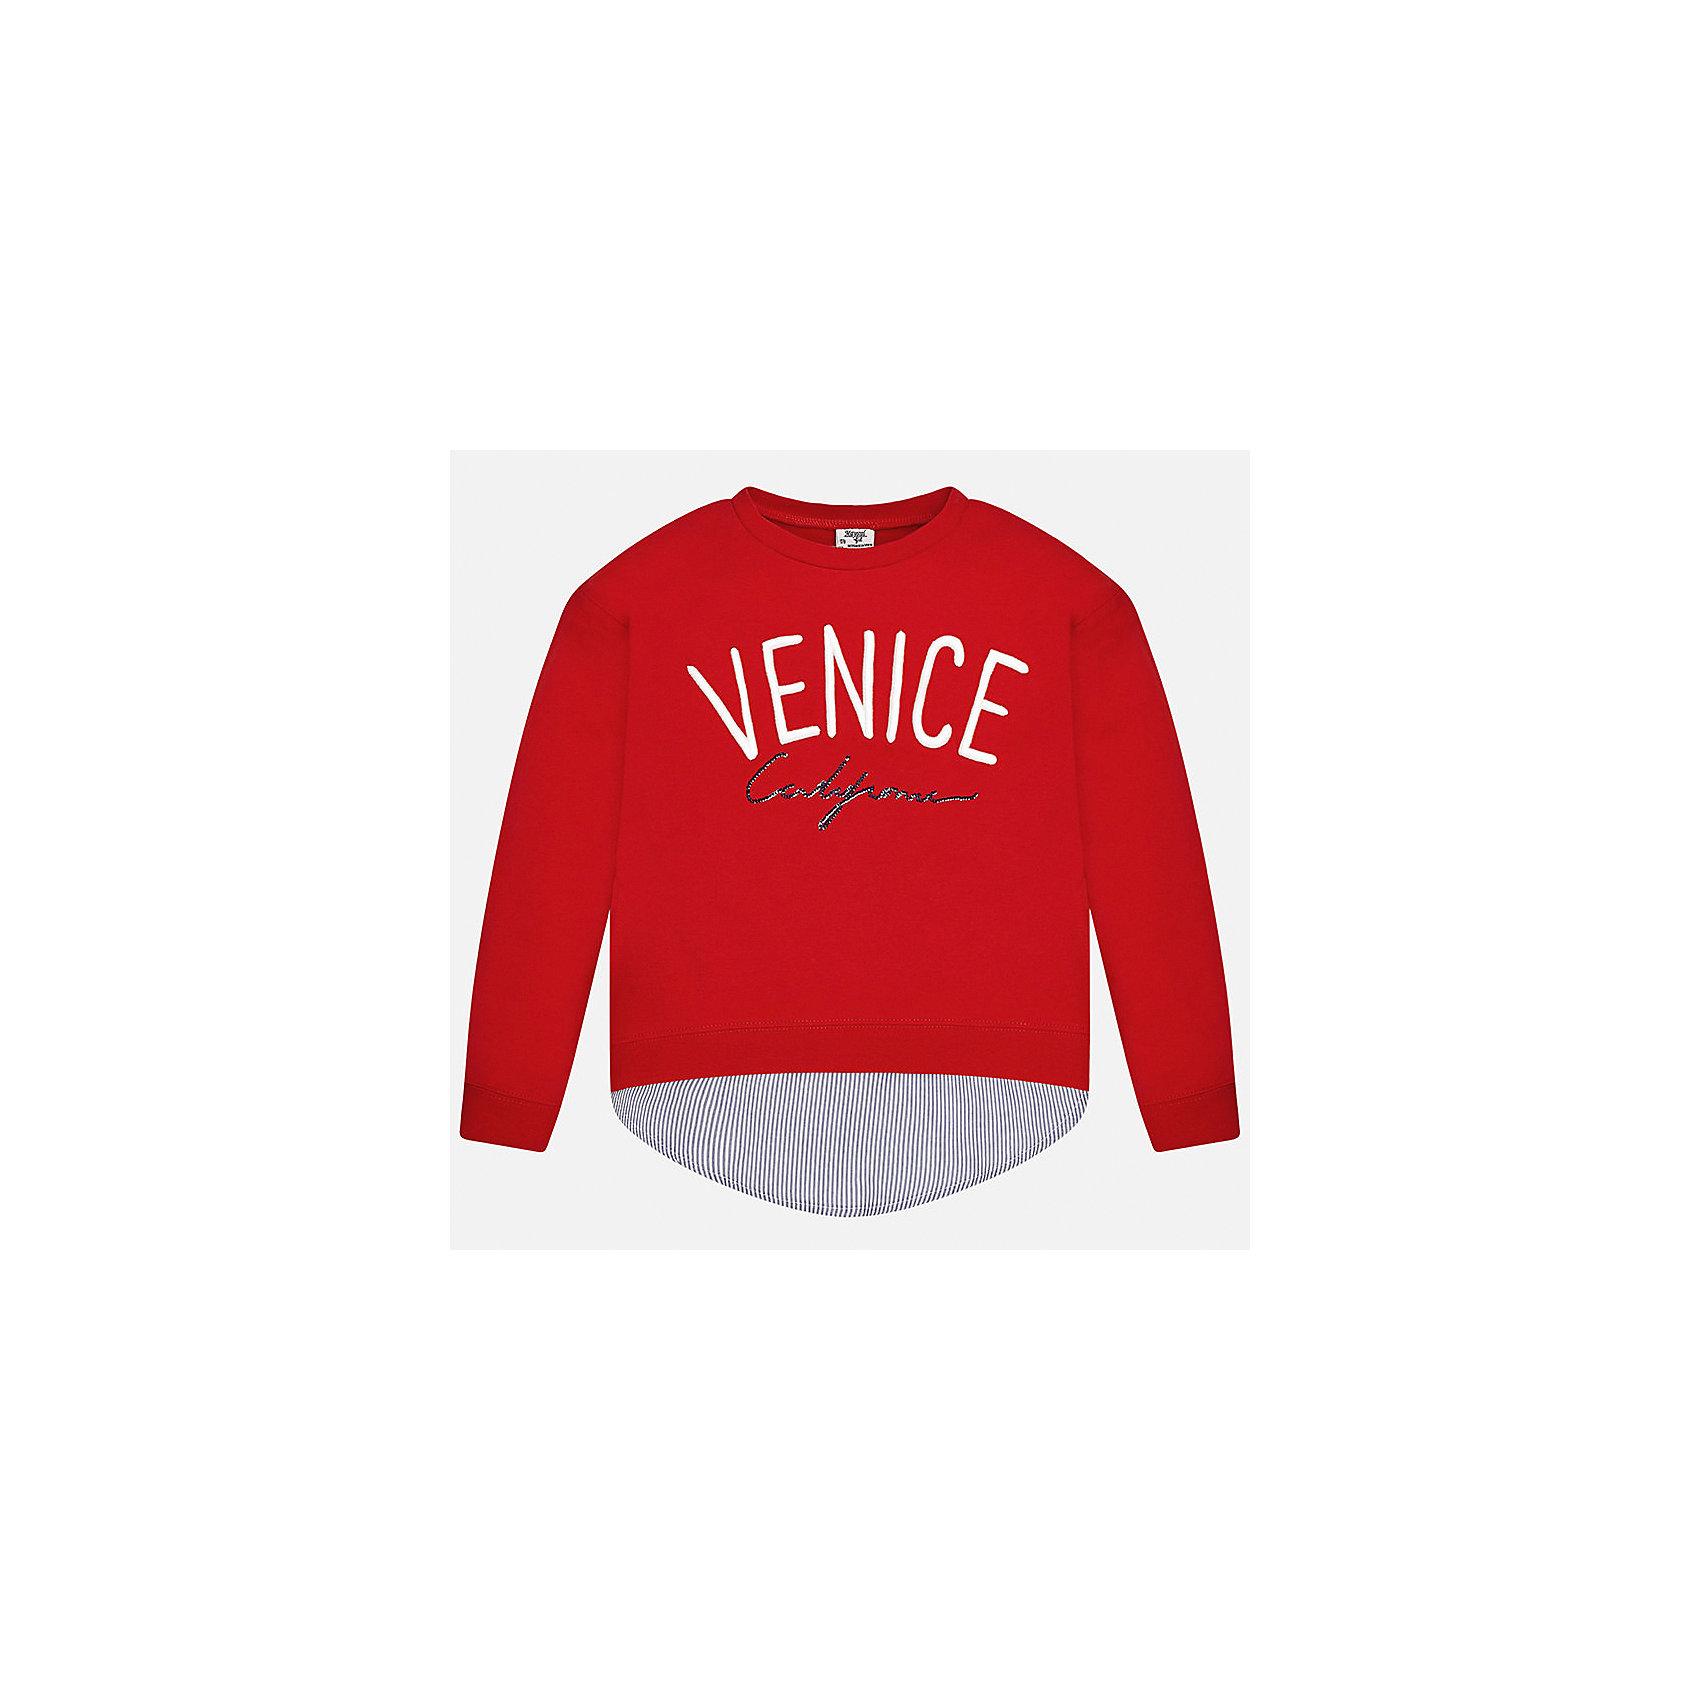 Толстовка для девочки MayoralТолстовки<br>Характеристики товара:<br><br>• цвет: красный<br>• состав: 95% хлопок, 5% эластан<br>• рукава длинные <br>• вышивка<br>• имитация многослойности<br>• молнии по бокам<br>• страна бренда: Испания<br><br>Удобный и красивый свитер для девочки поможет разнообразить гардероб ребенка и украсить наряд. Он отлично сочетается и с юбками, и с брюками. Универсальный цвет позволяет подобрать к вещи низ различных расцветок. Интересная отделка модели делает её нарядной и оригинальной. В составе материала - натуральный хлопок, гипоаллергенный, приятный на ощупь, дышащий.<br><br>Одежда, обувь и аксессуары от испанского бренда Mayoral полюбились детям и взрослым по всему миру. Модели этой марки - стильные и удобные. Для их производства используются только безопасные, качественные материалы и фурнитура. Порадуйте ребенка модными и красивыми вещами от Mayoral! <br><br>Свитер для девочки от испанского бренда Mayoral (Майорал) можно купить в нашем интернет-магазине.<br><br>Ширина мм: 190<br>Глубина мм: 74<br>Высота мм: 229<br>Вес г: 236<br>Цвет: красный<br>Возраст от месяцев: 168<br>Возраст до месяцев: 180<br>Пол: Женский<br>Возраст: Детский<br>Размер: 170,128/134,140,152,158,164<br>SKU: 5300889